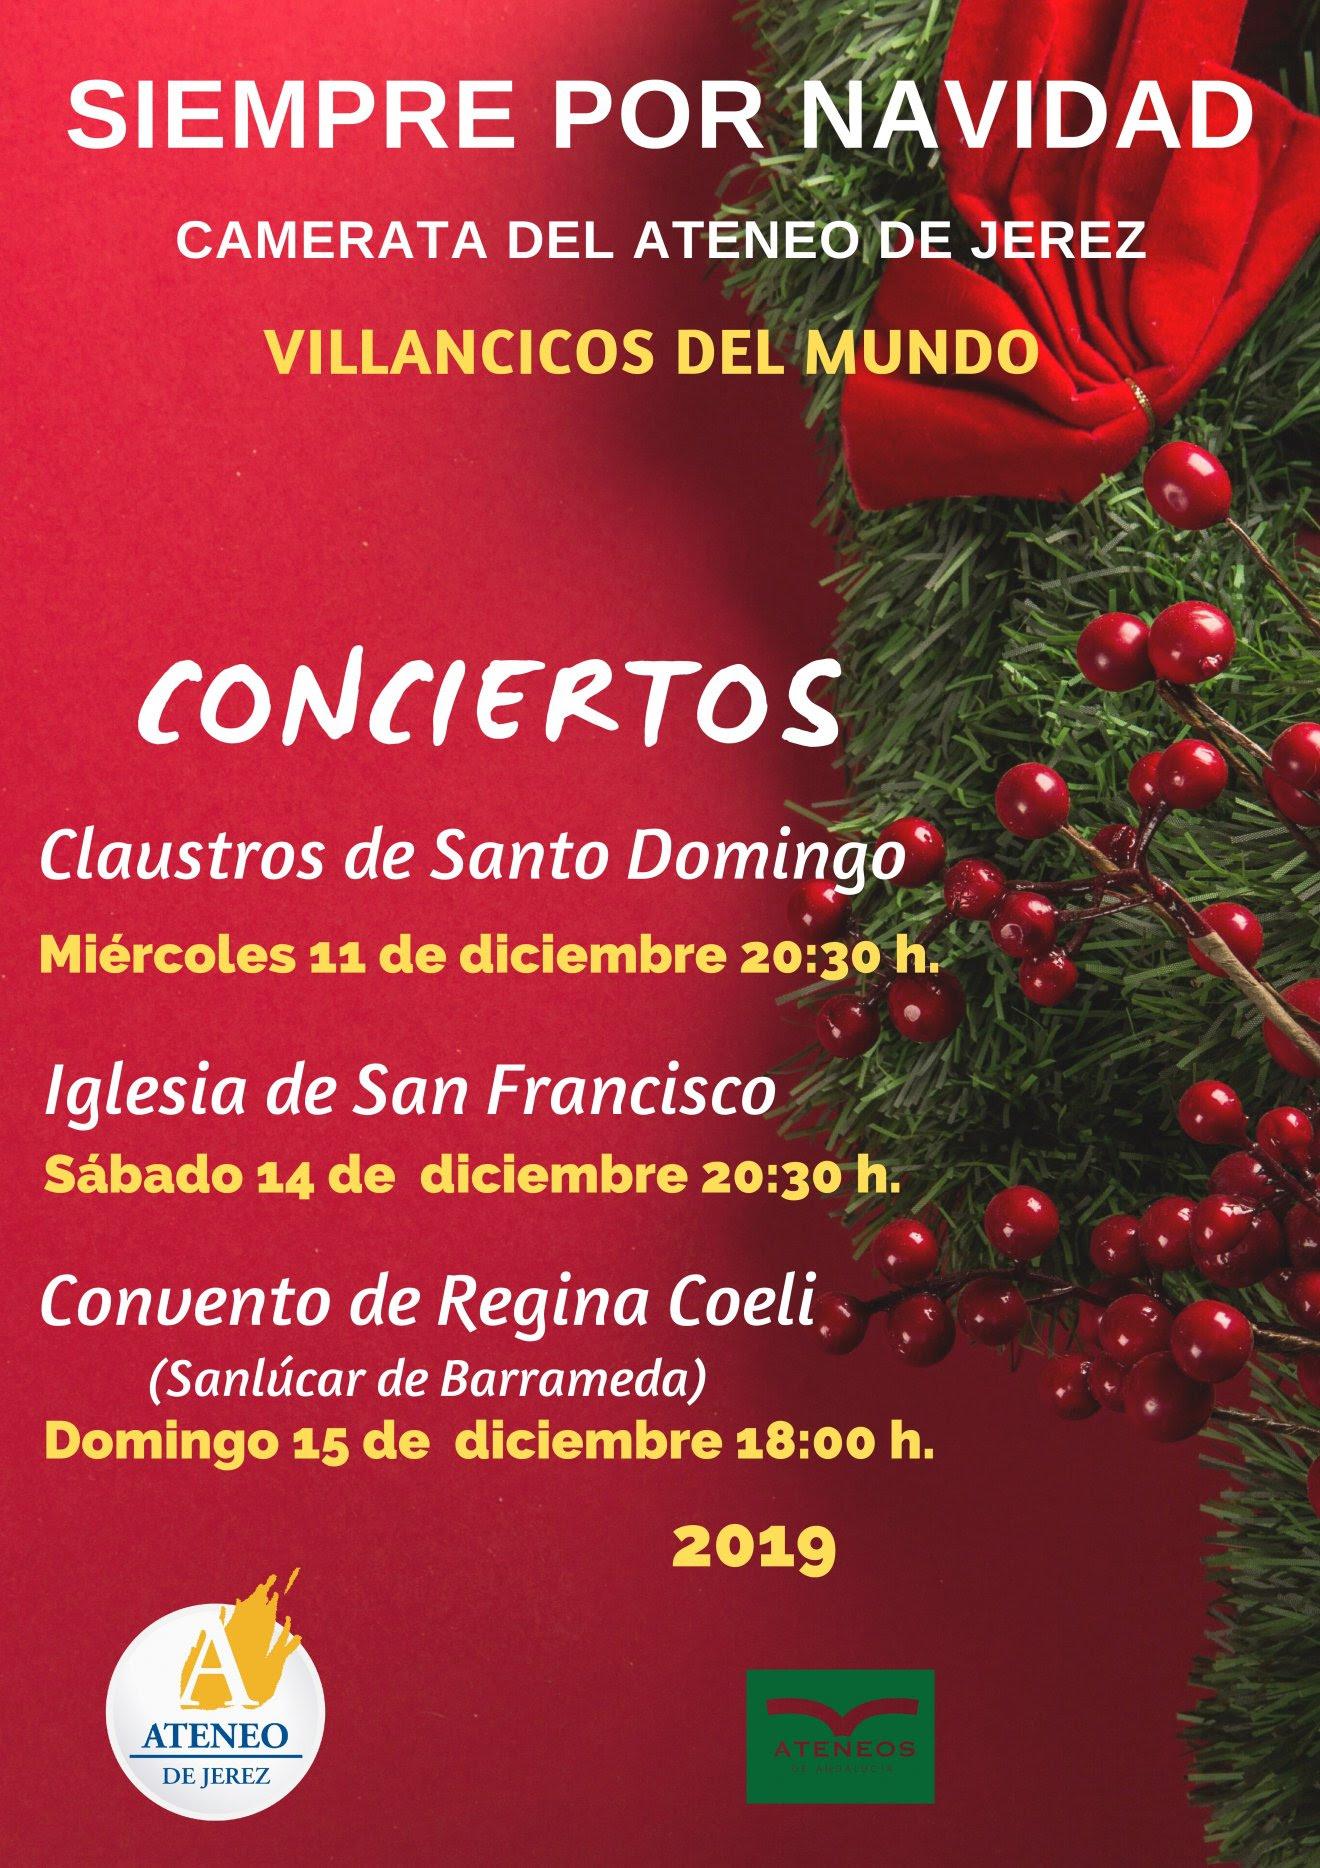 2019-12 CAMERATA Villancicos del mundo